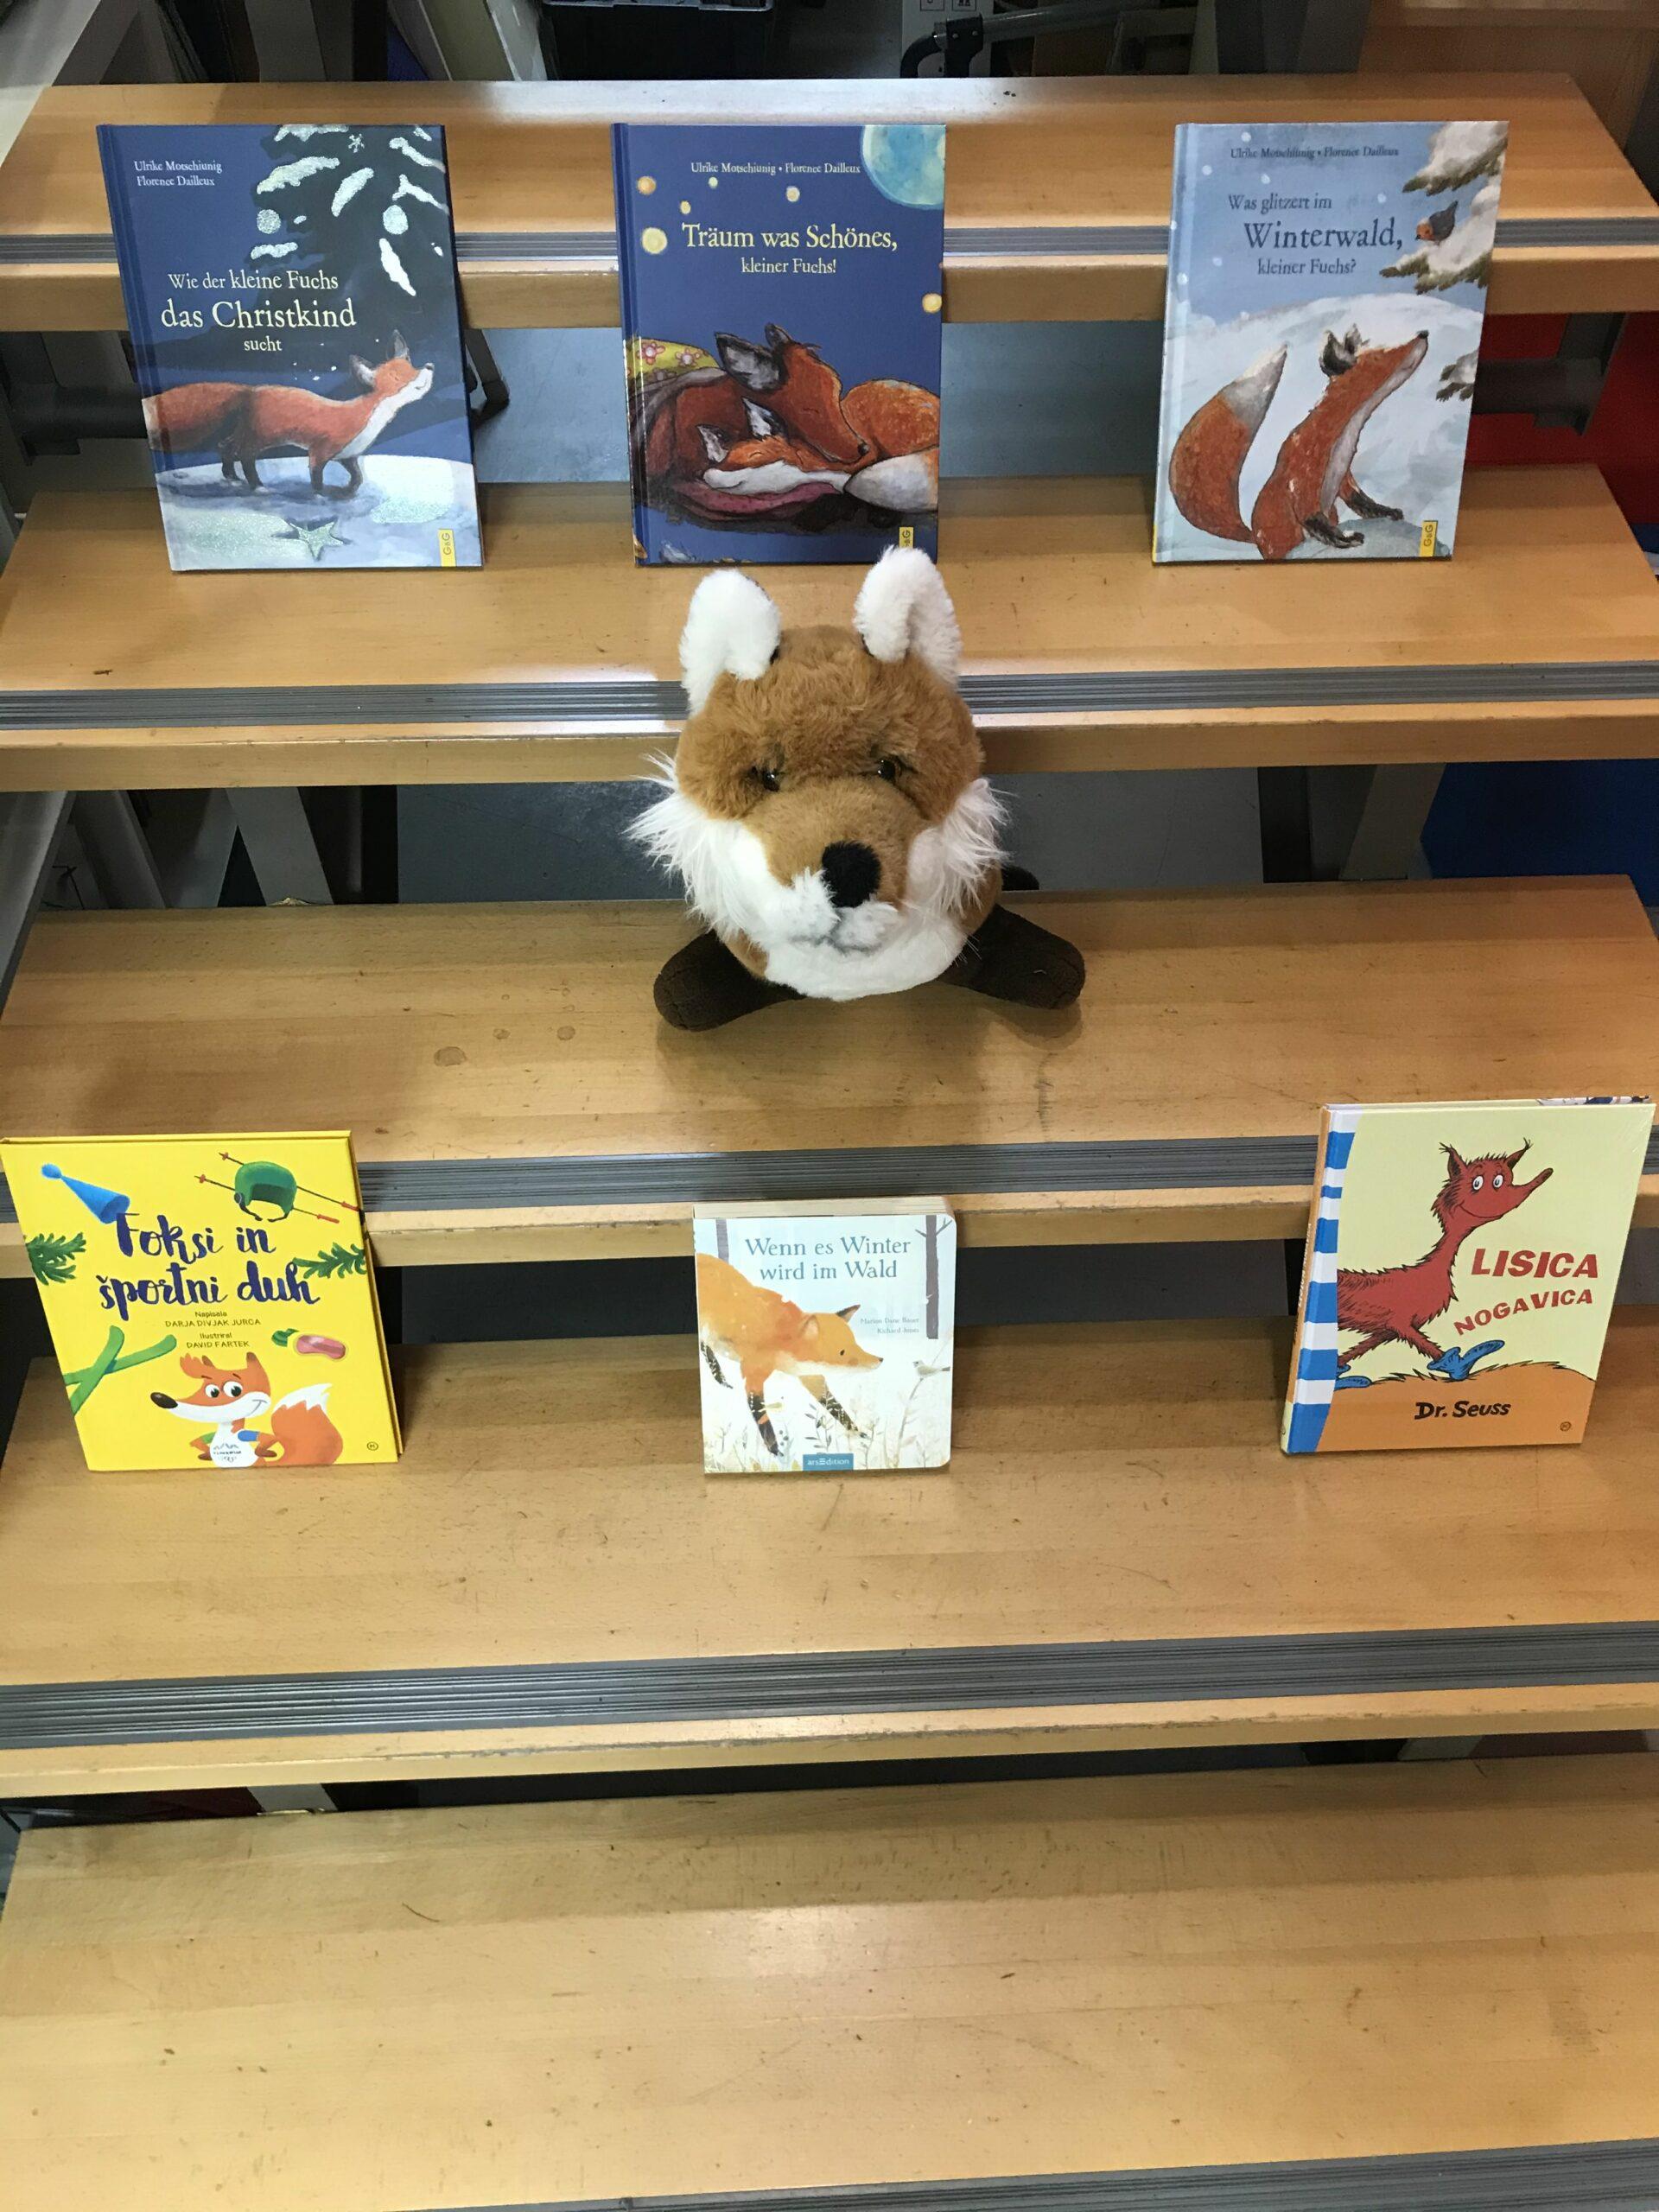 🦊Lisica se je priplazila v knjigarno/ Ein Fuchs hat sich in die Buchhandlung geschlichen🦊